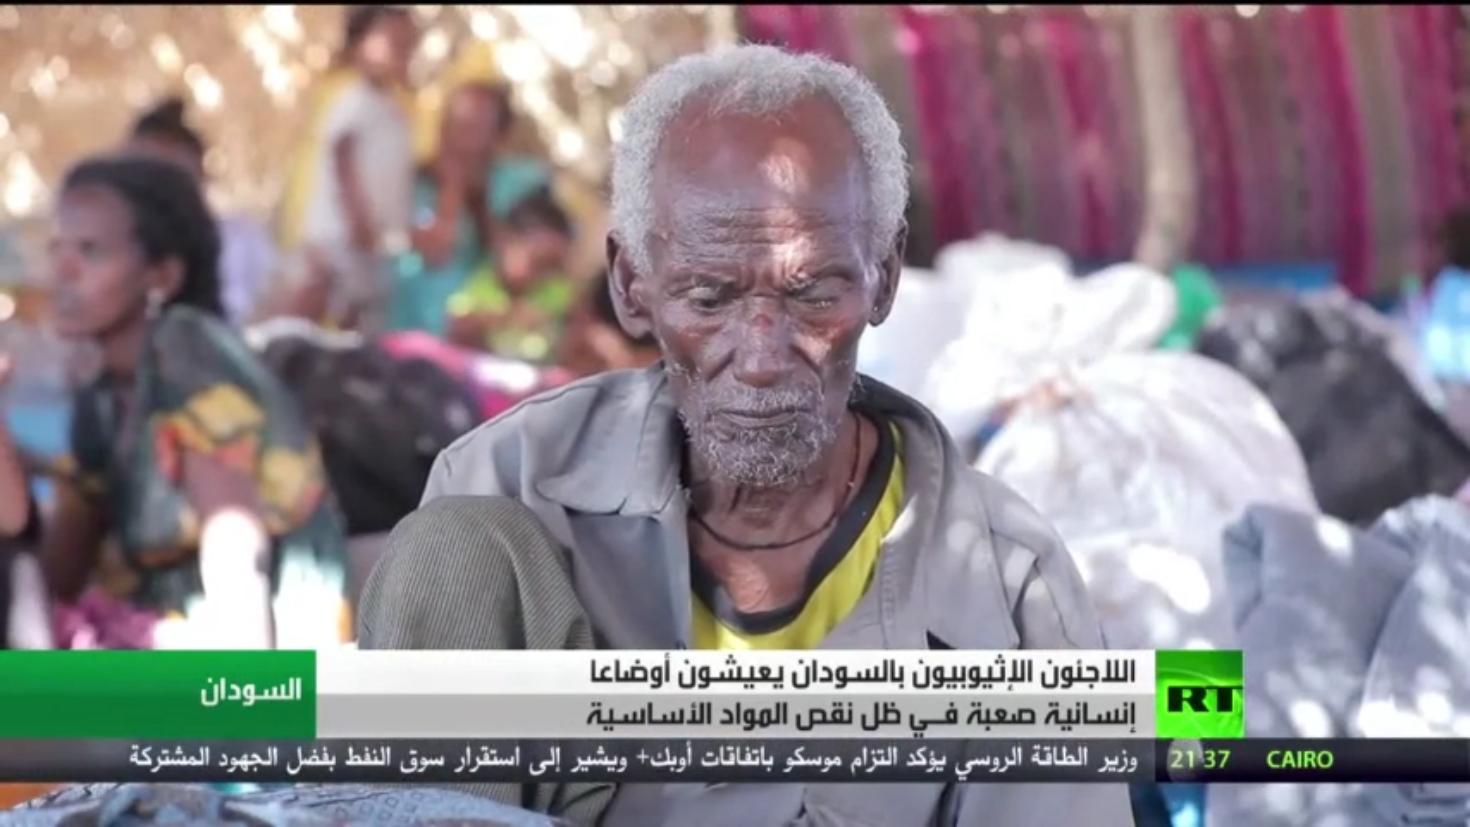 اللاجئون الإثيوبيون بالسودان يعيشون أوضاعاإنسانية صعبة فـي ظل نقص المواد الأساسية